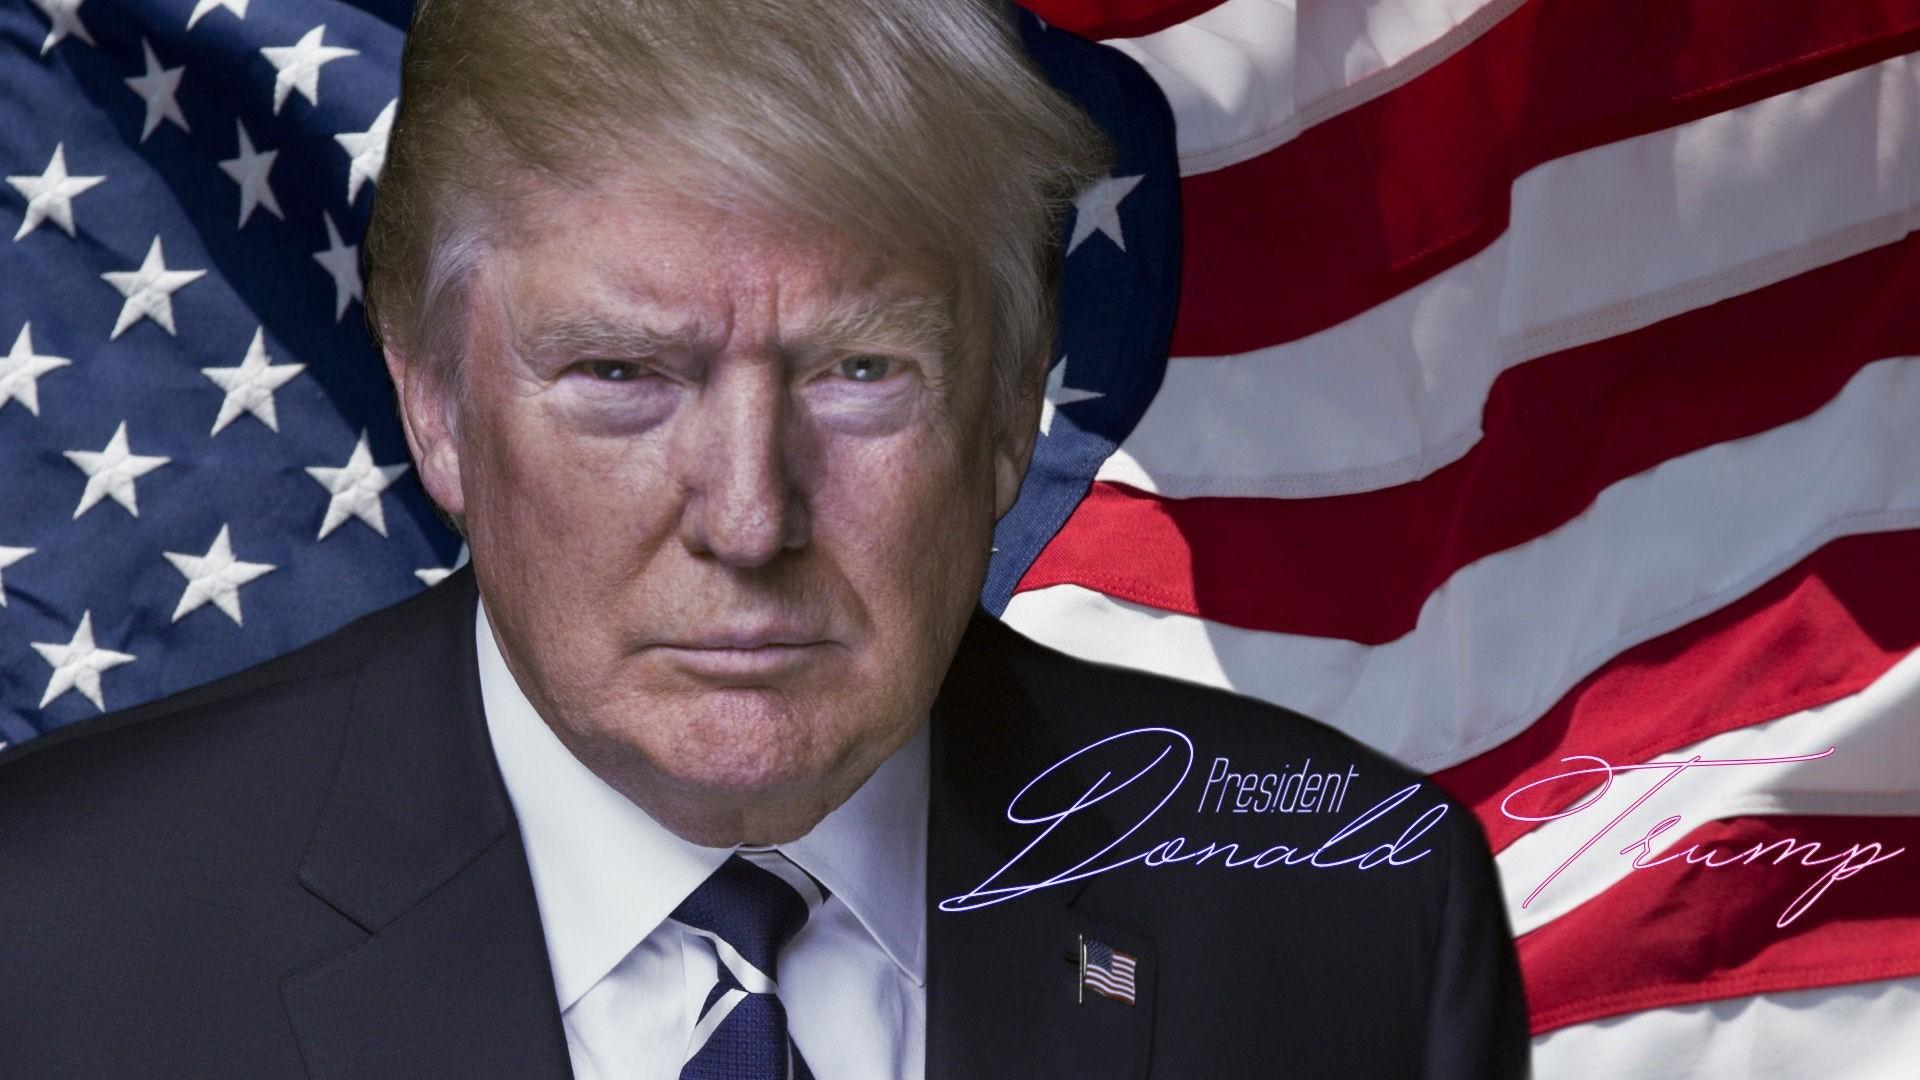 Donald Trump Download Wallpaper